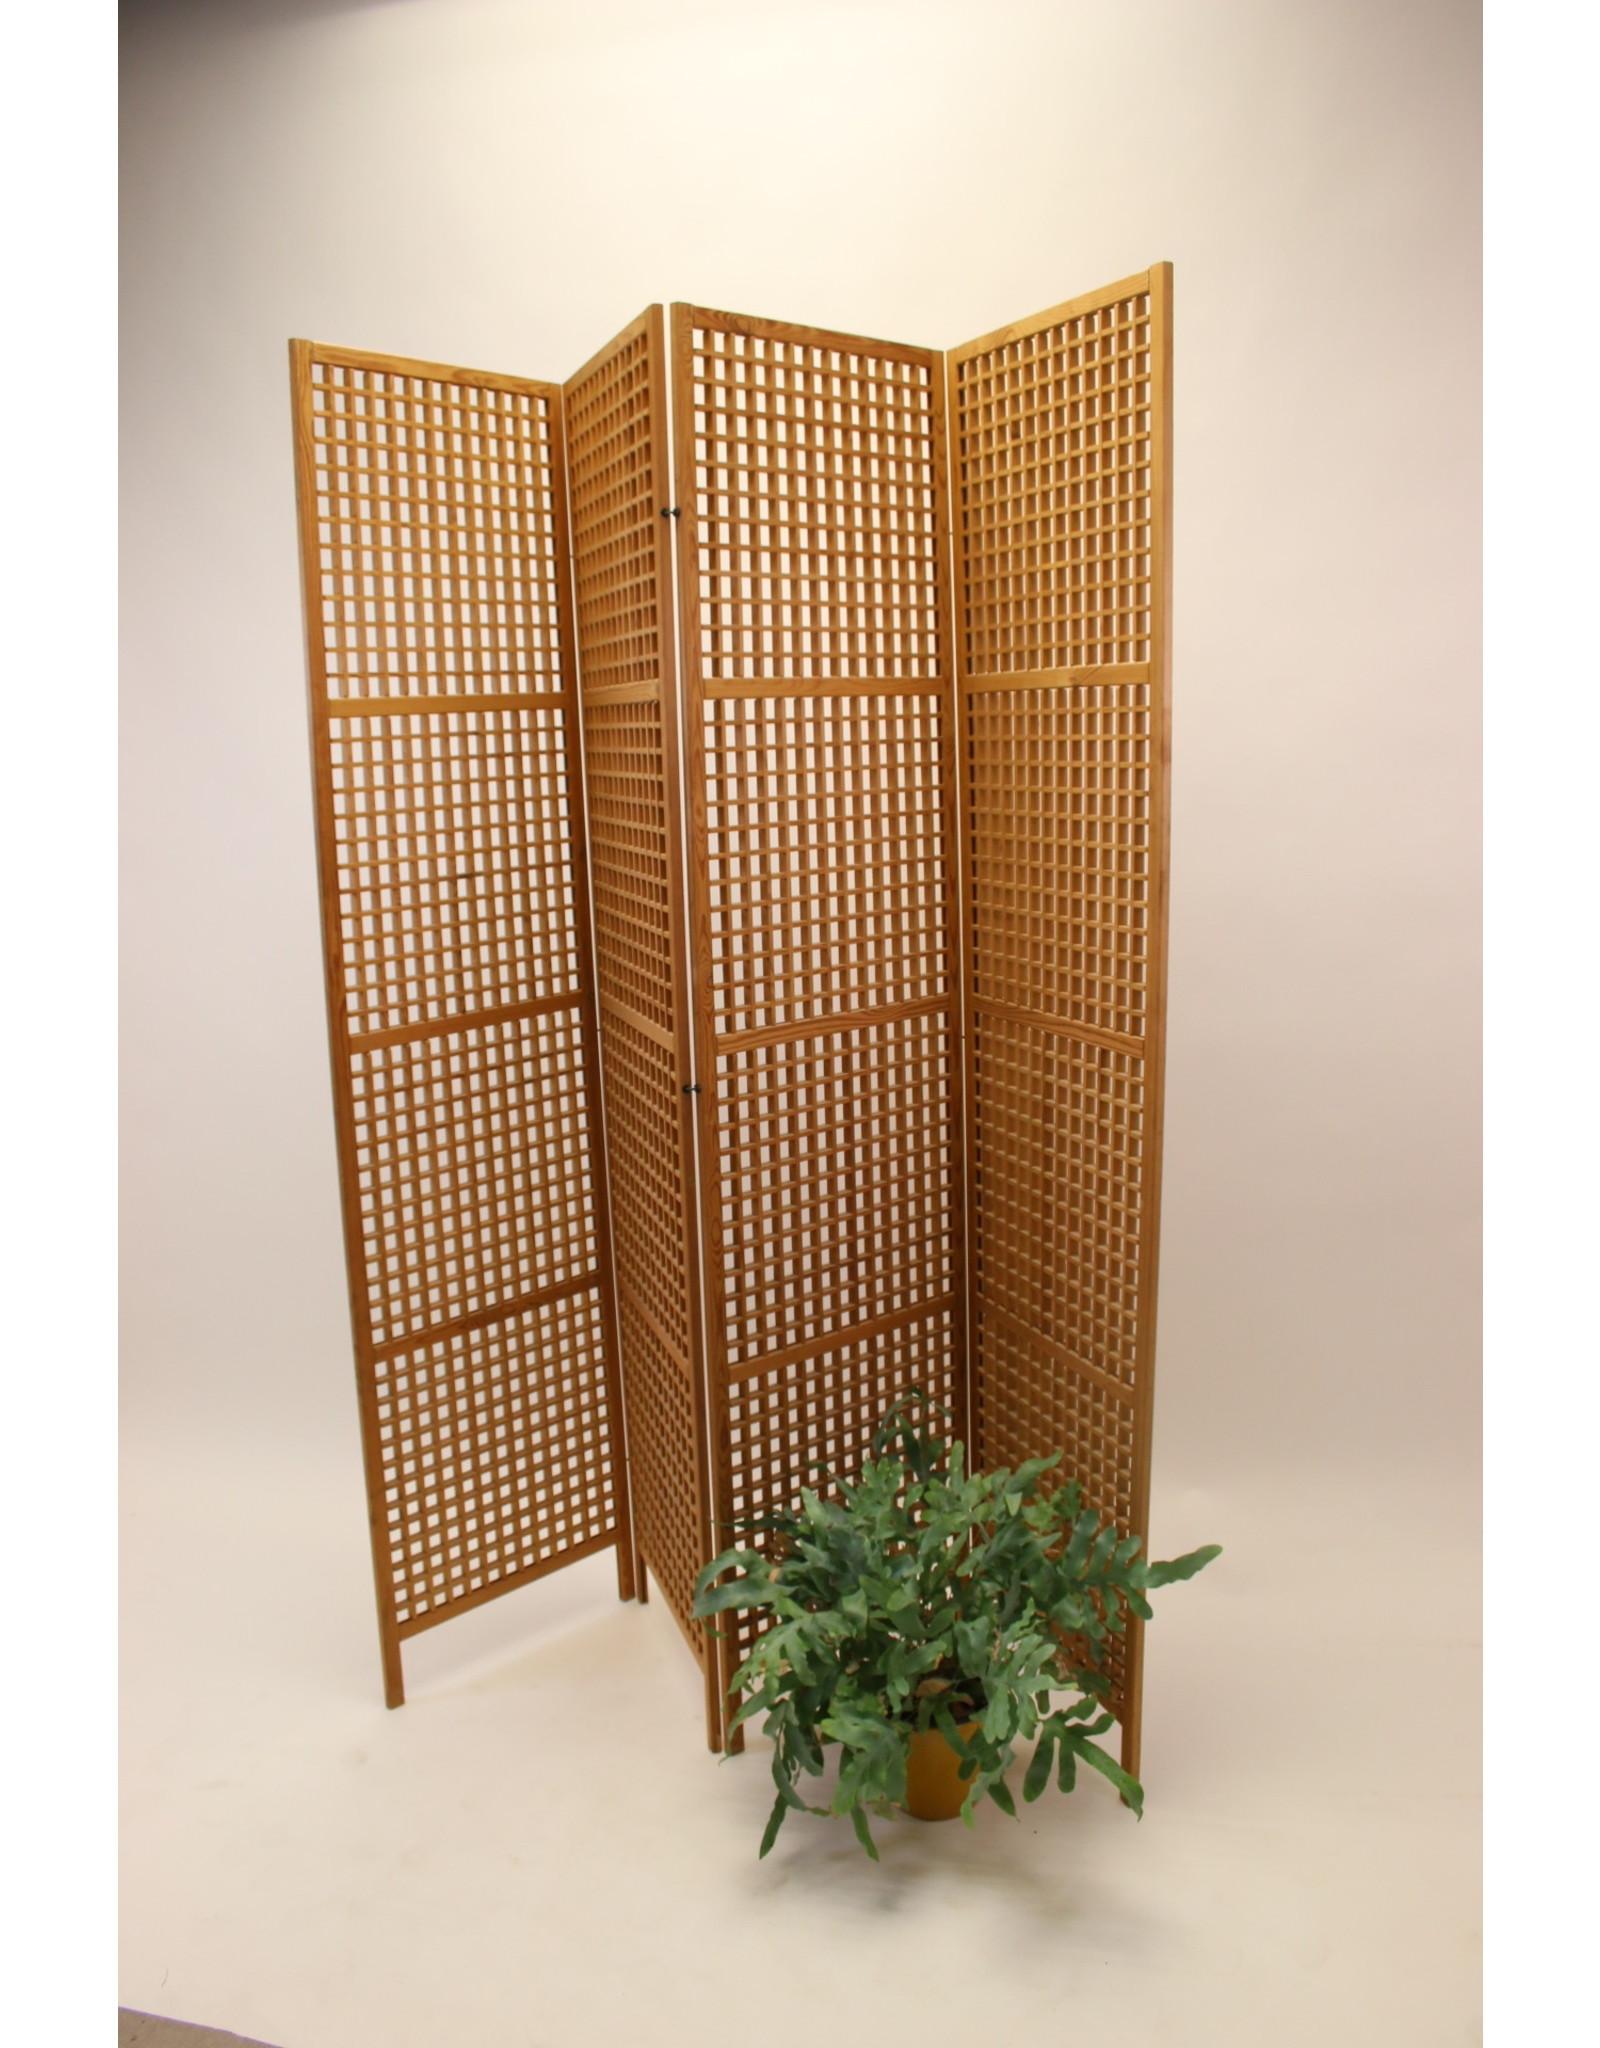 Folding Screen Room Divider Made Of Teak Timeless Art Nl